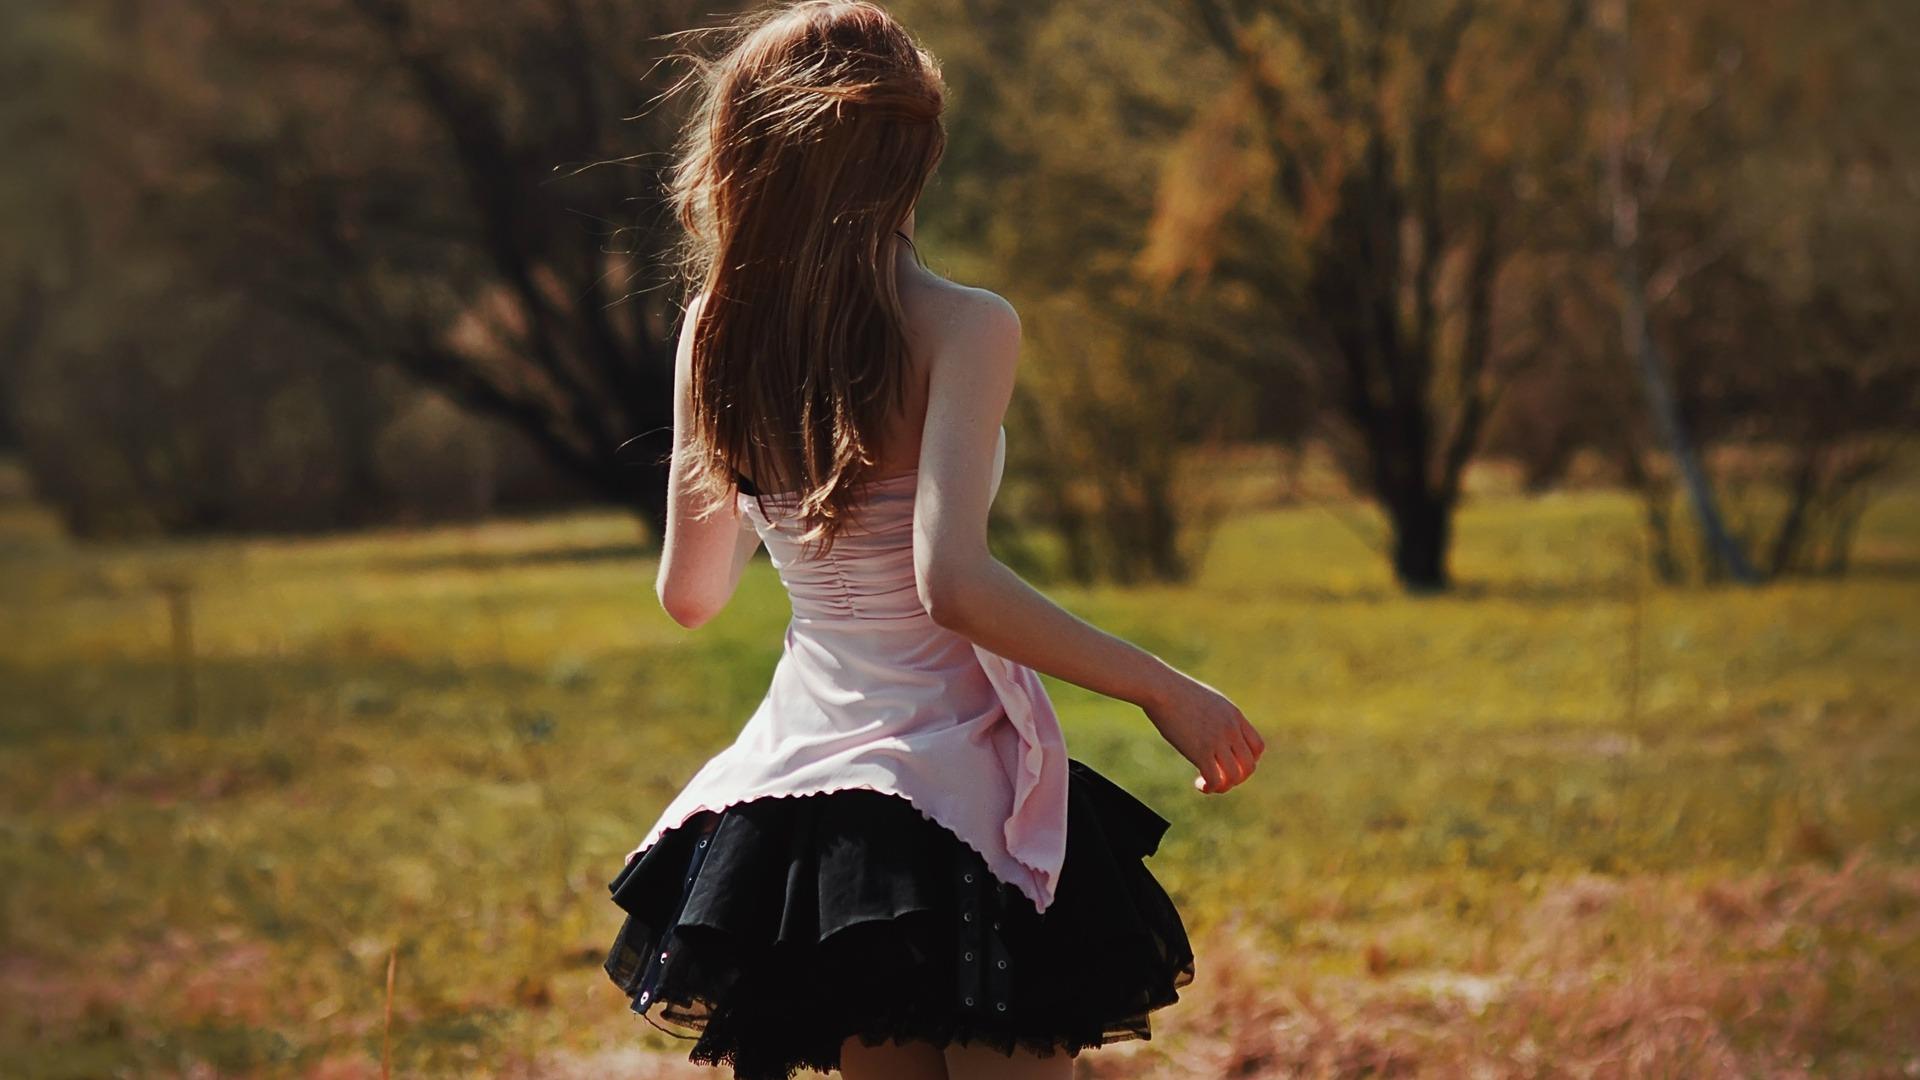 Фото девушек сзади без лица, Фото аккаунты Clash Royale ВКонтакте 12 фотография